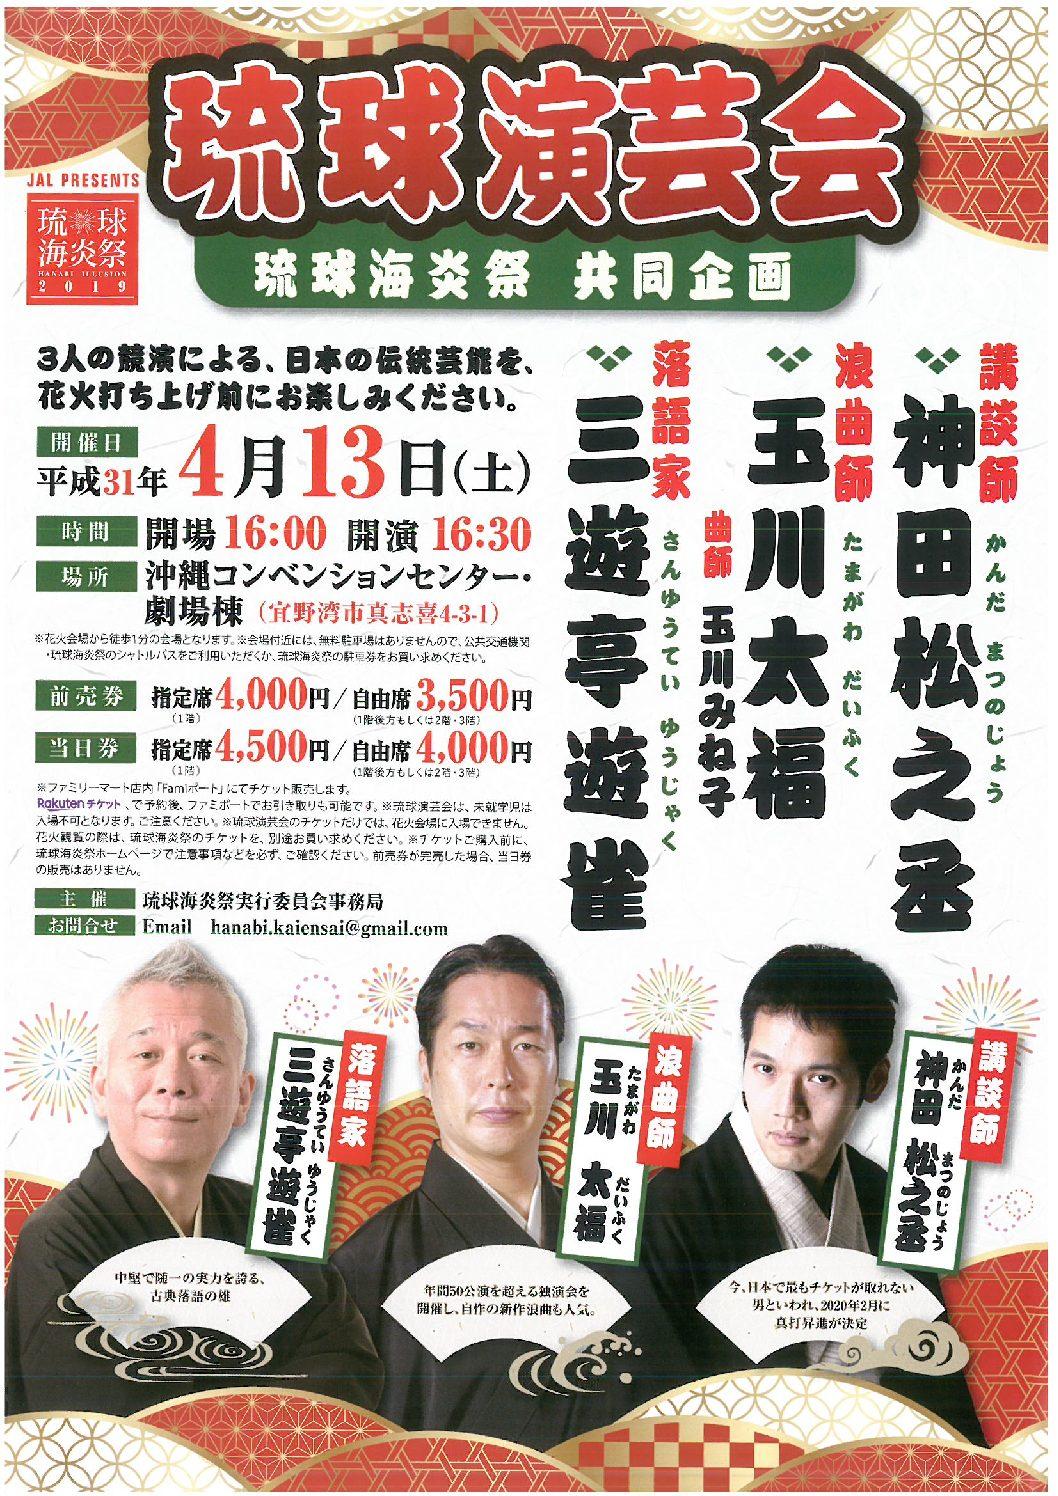 琉球演芸会 琉球海炎祭 共同企画